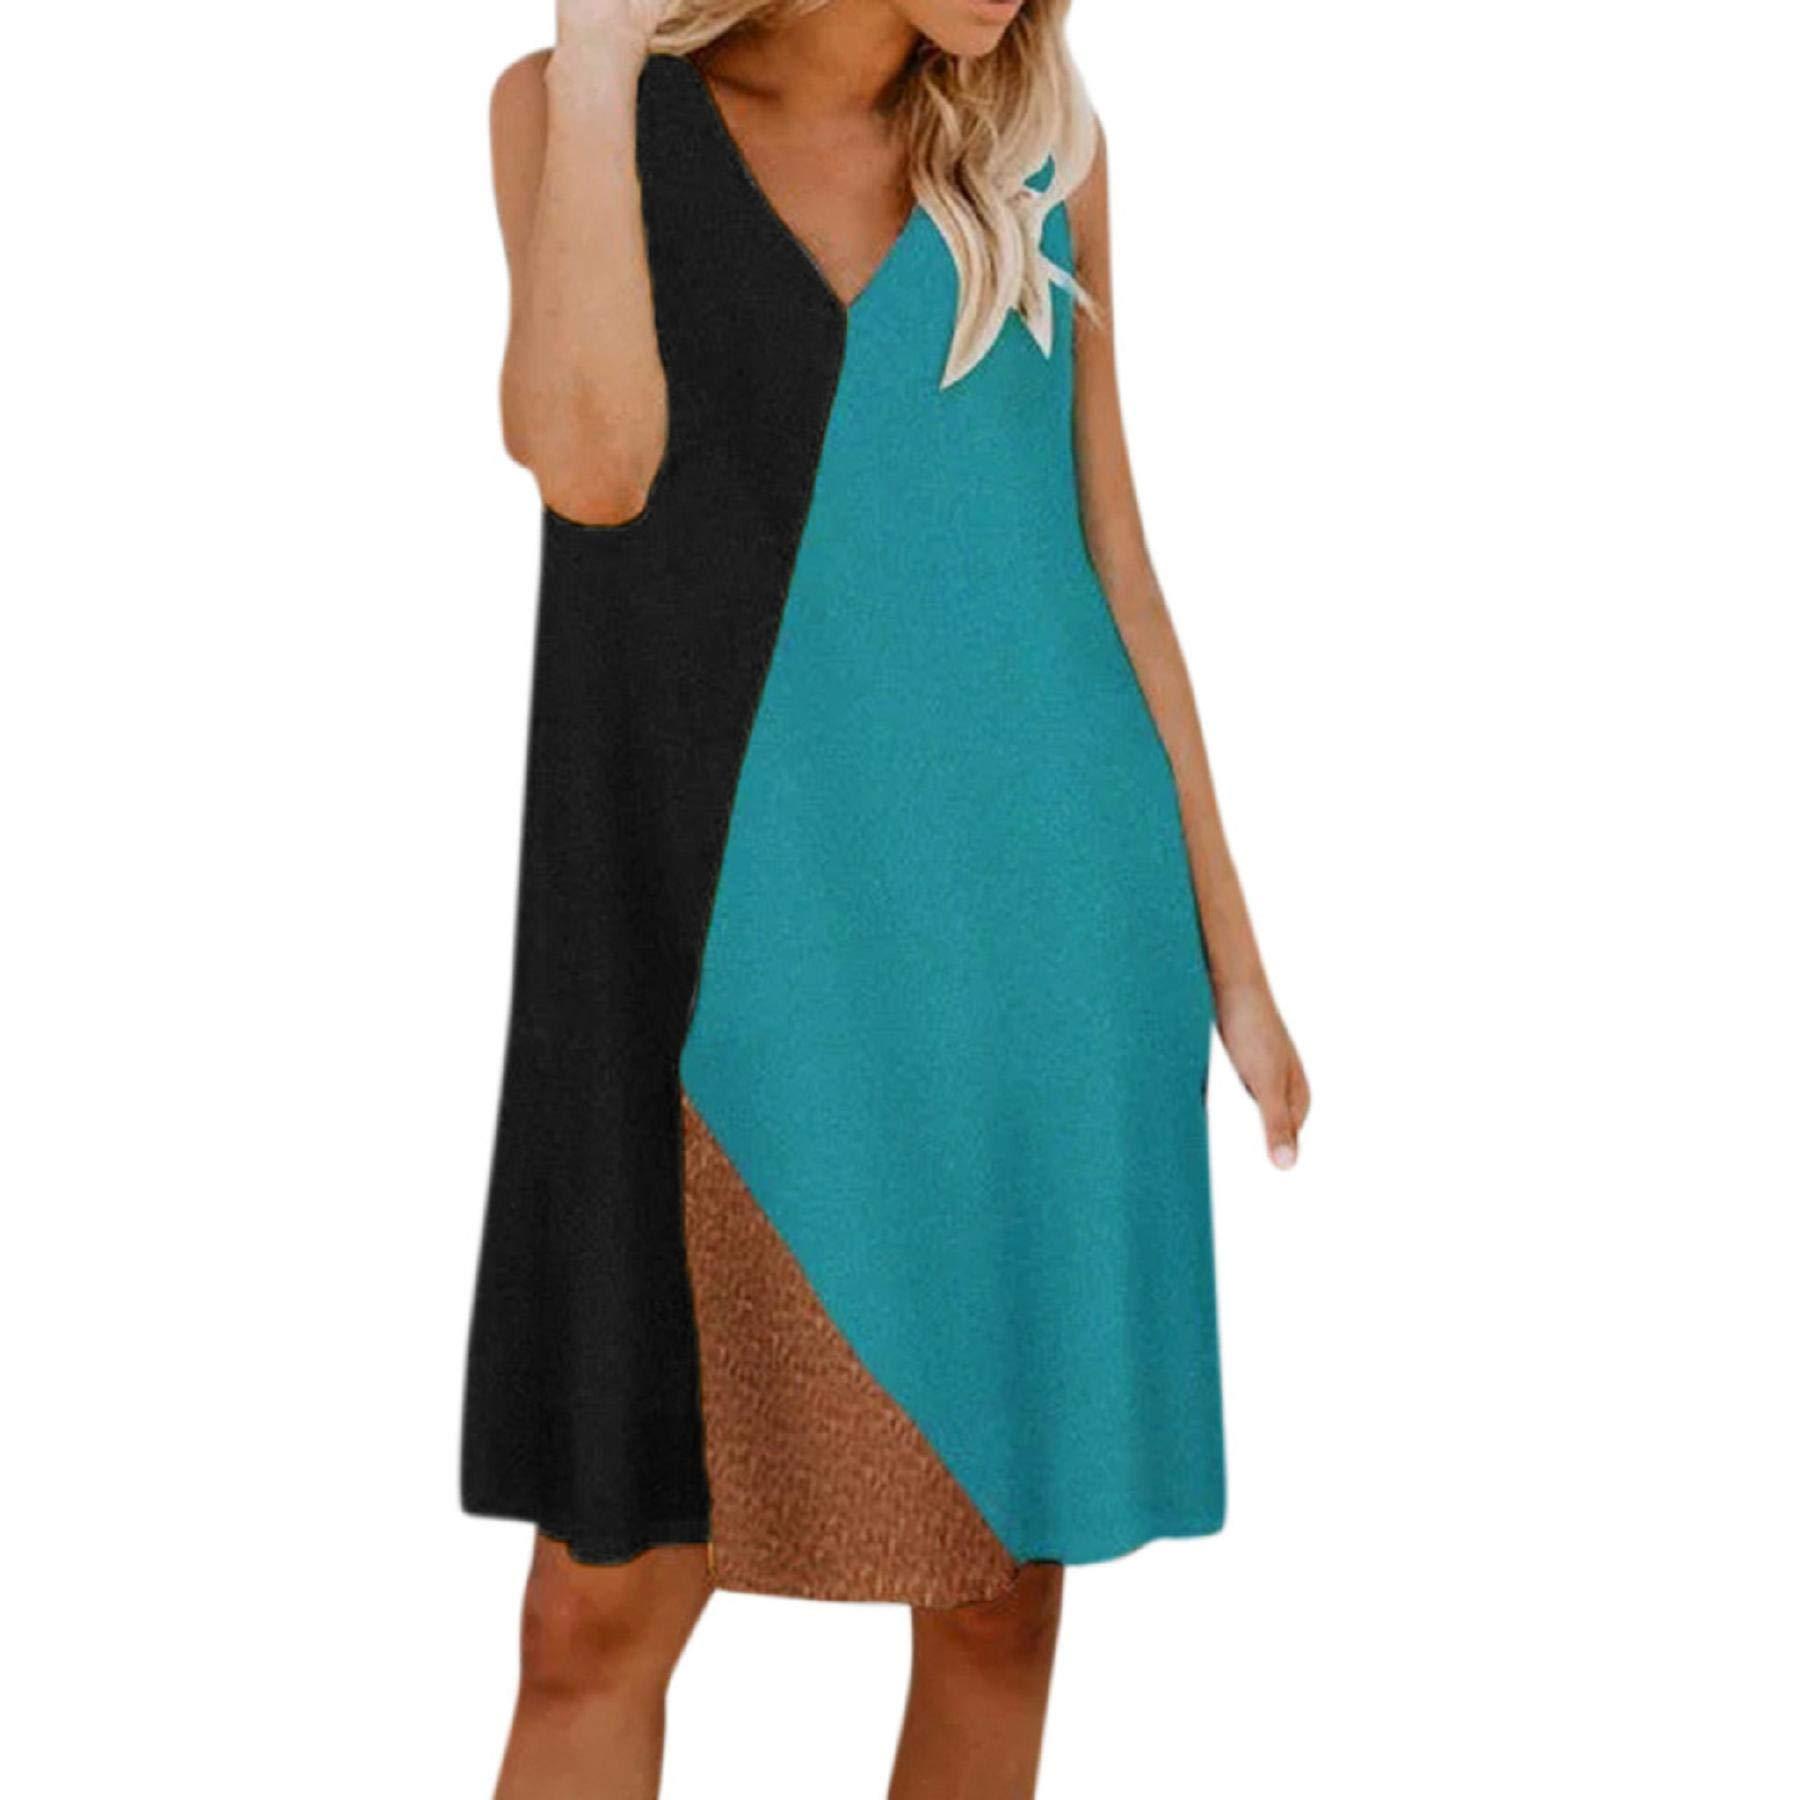 XINHUXIN Women's Summer V Neck Casual Sleeveless Vest Dresses Beach Cover up Plain Tank Dress